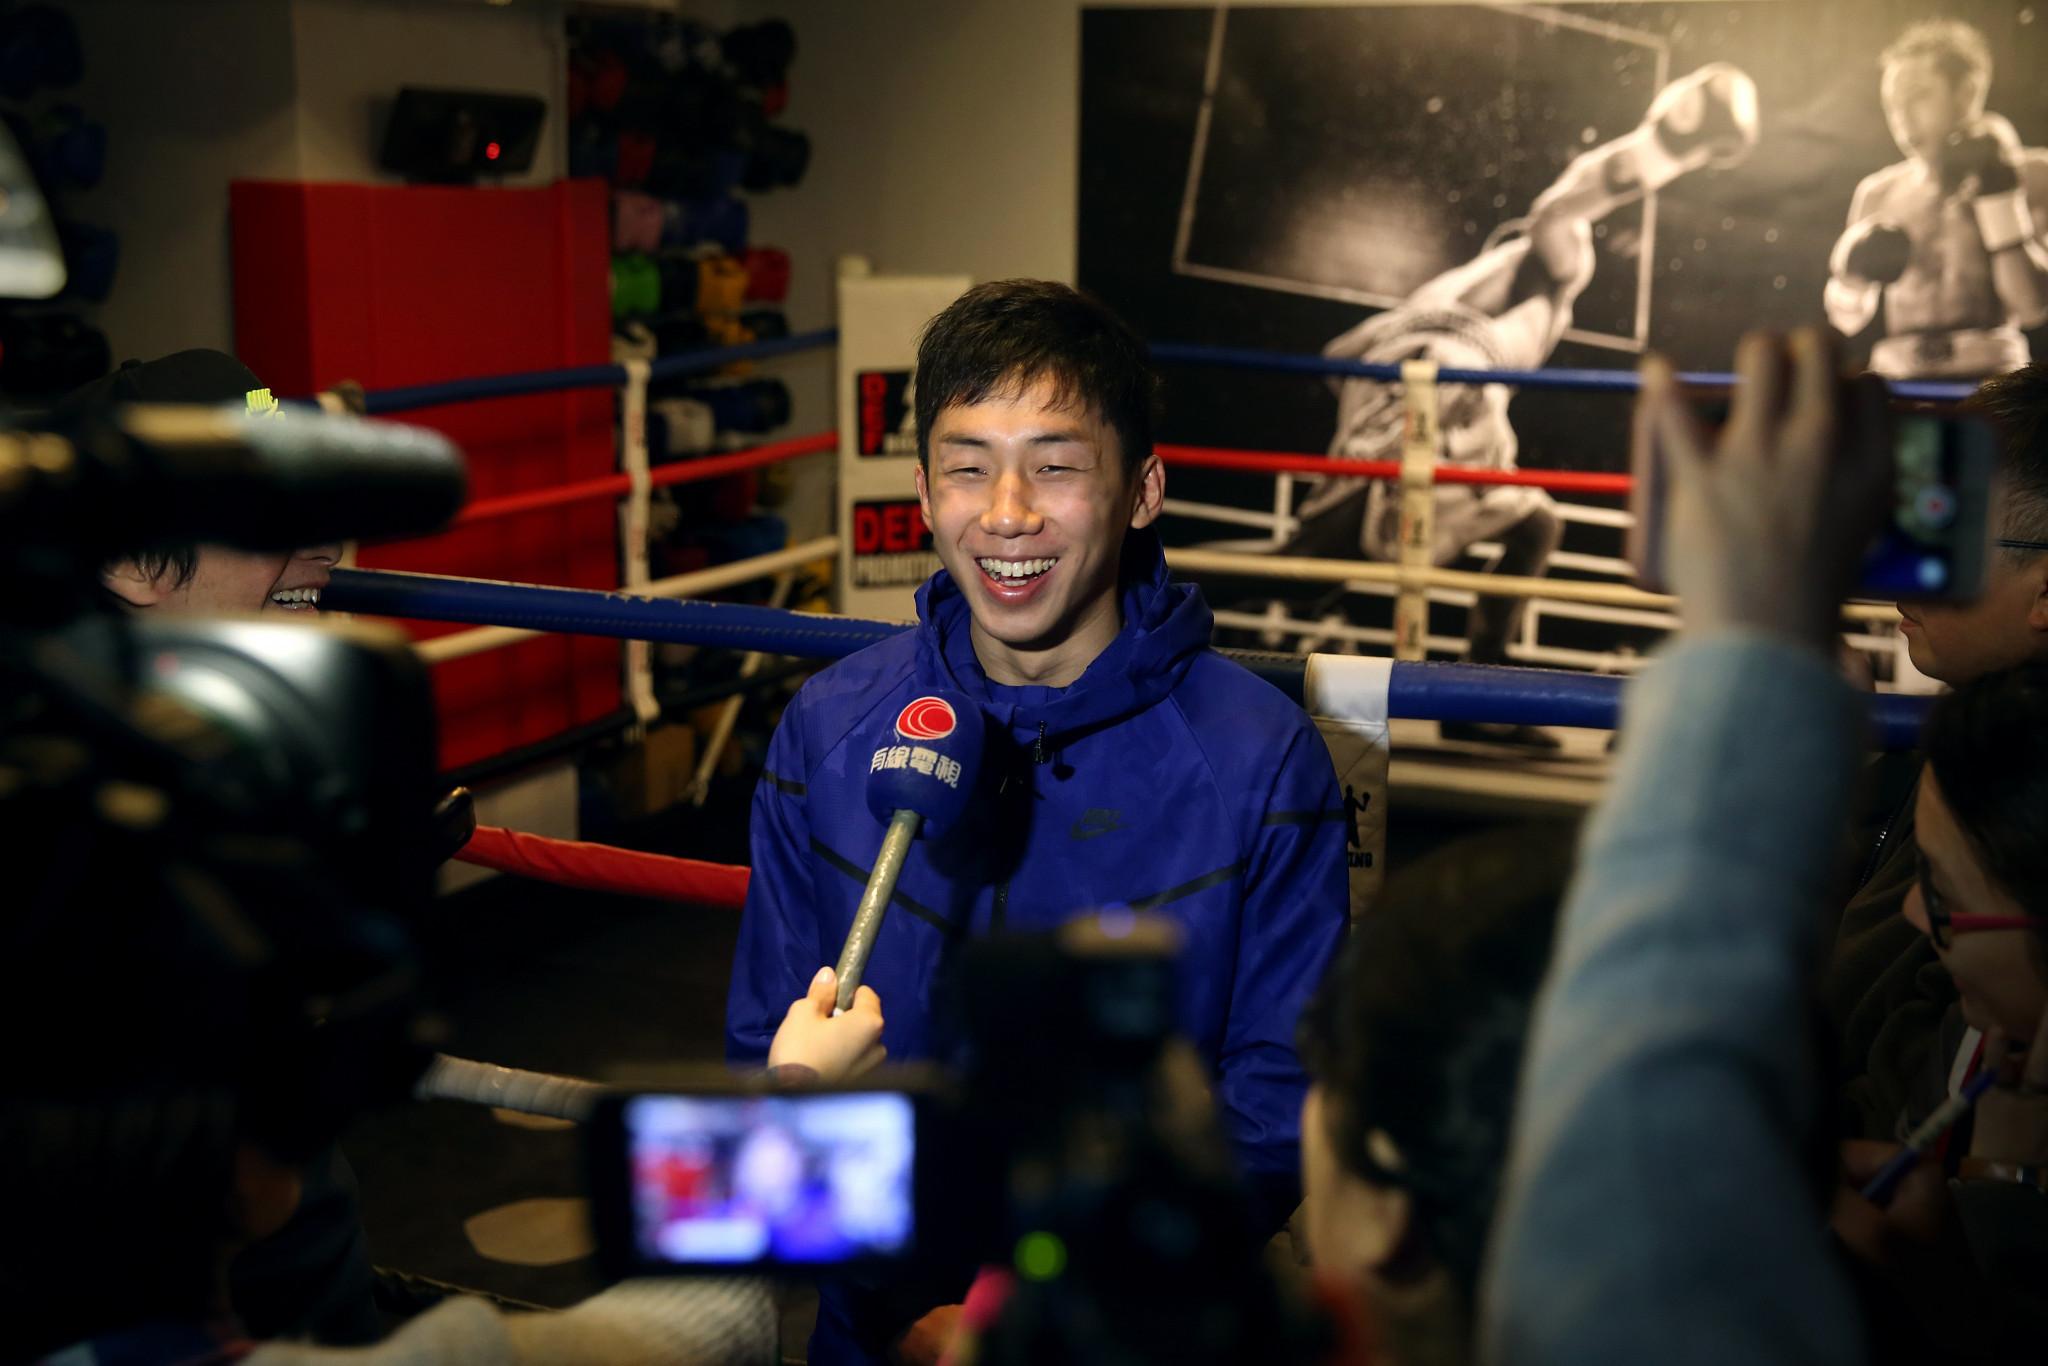 Hong Kong boxer Tso targets Paris 2024 after COVID-19 wrecks Tokyo dream